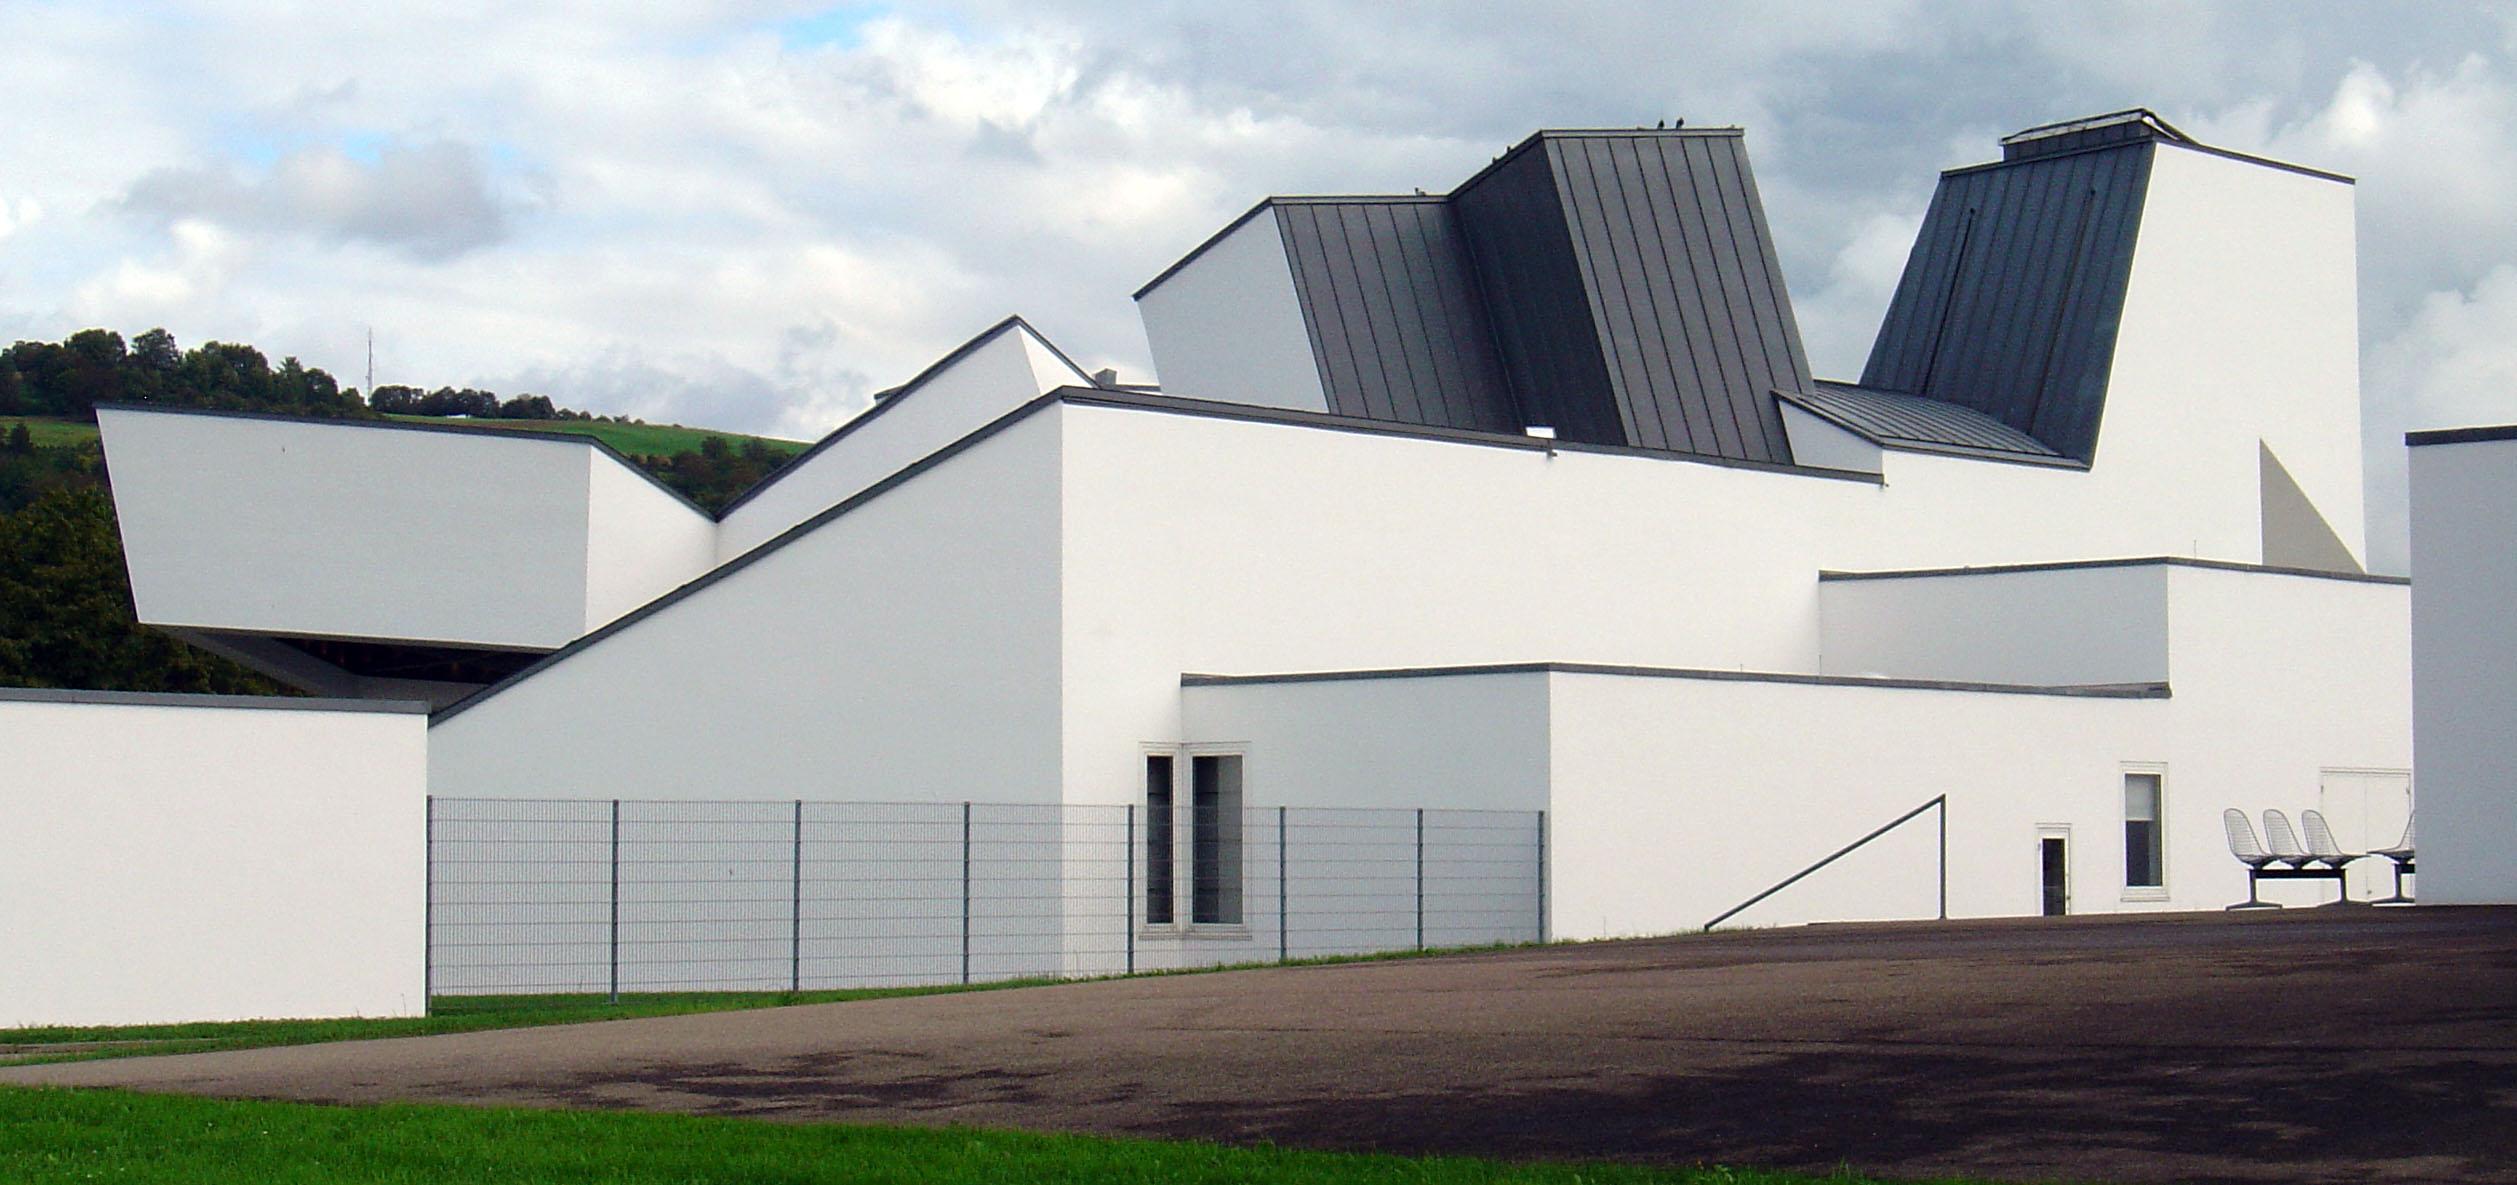 Vitra Design Museum Architecture